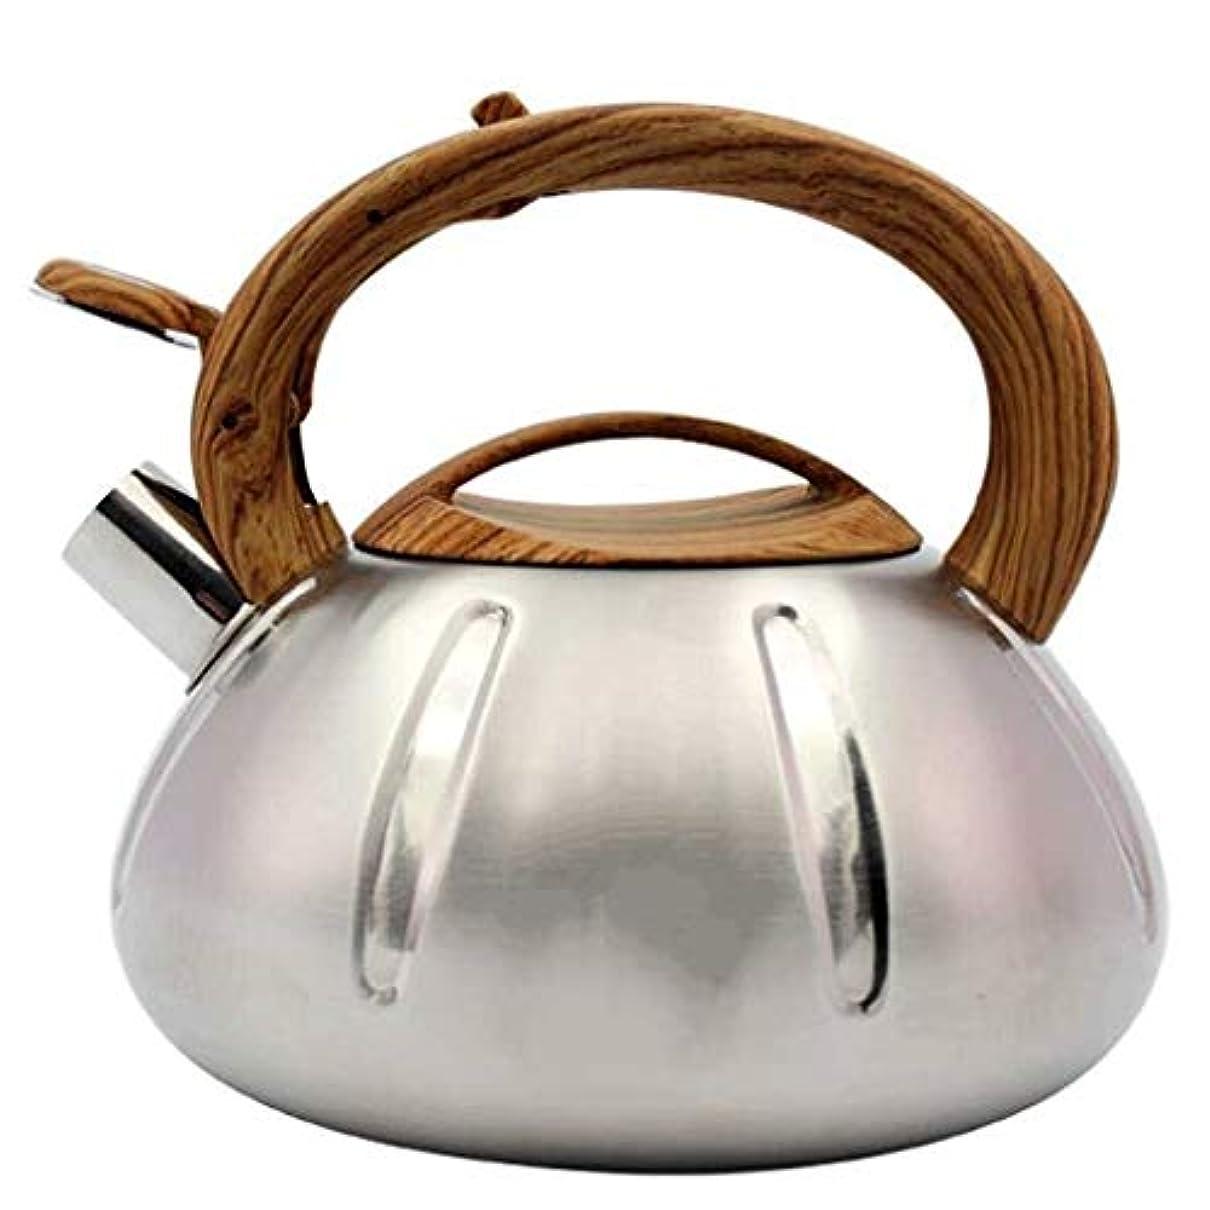 確認してください安全性クリークIRVING 最もよいティーケトルの口笛のステンレス鋼のストーブの上のティーポット3Lの茶やかんの鍋のコンロ